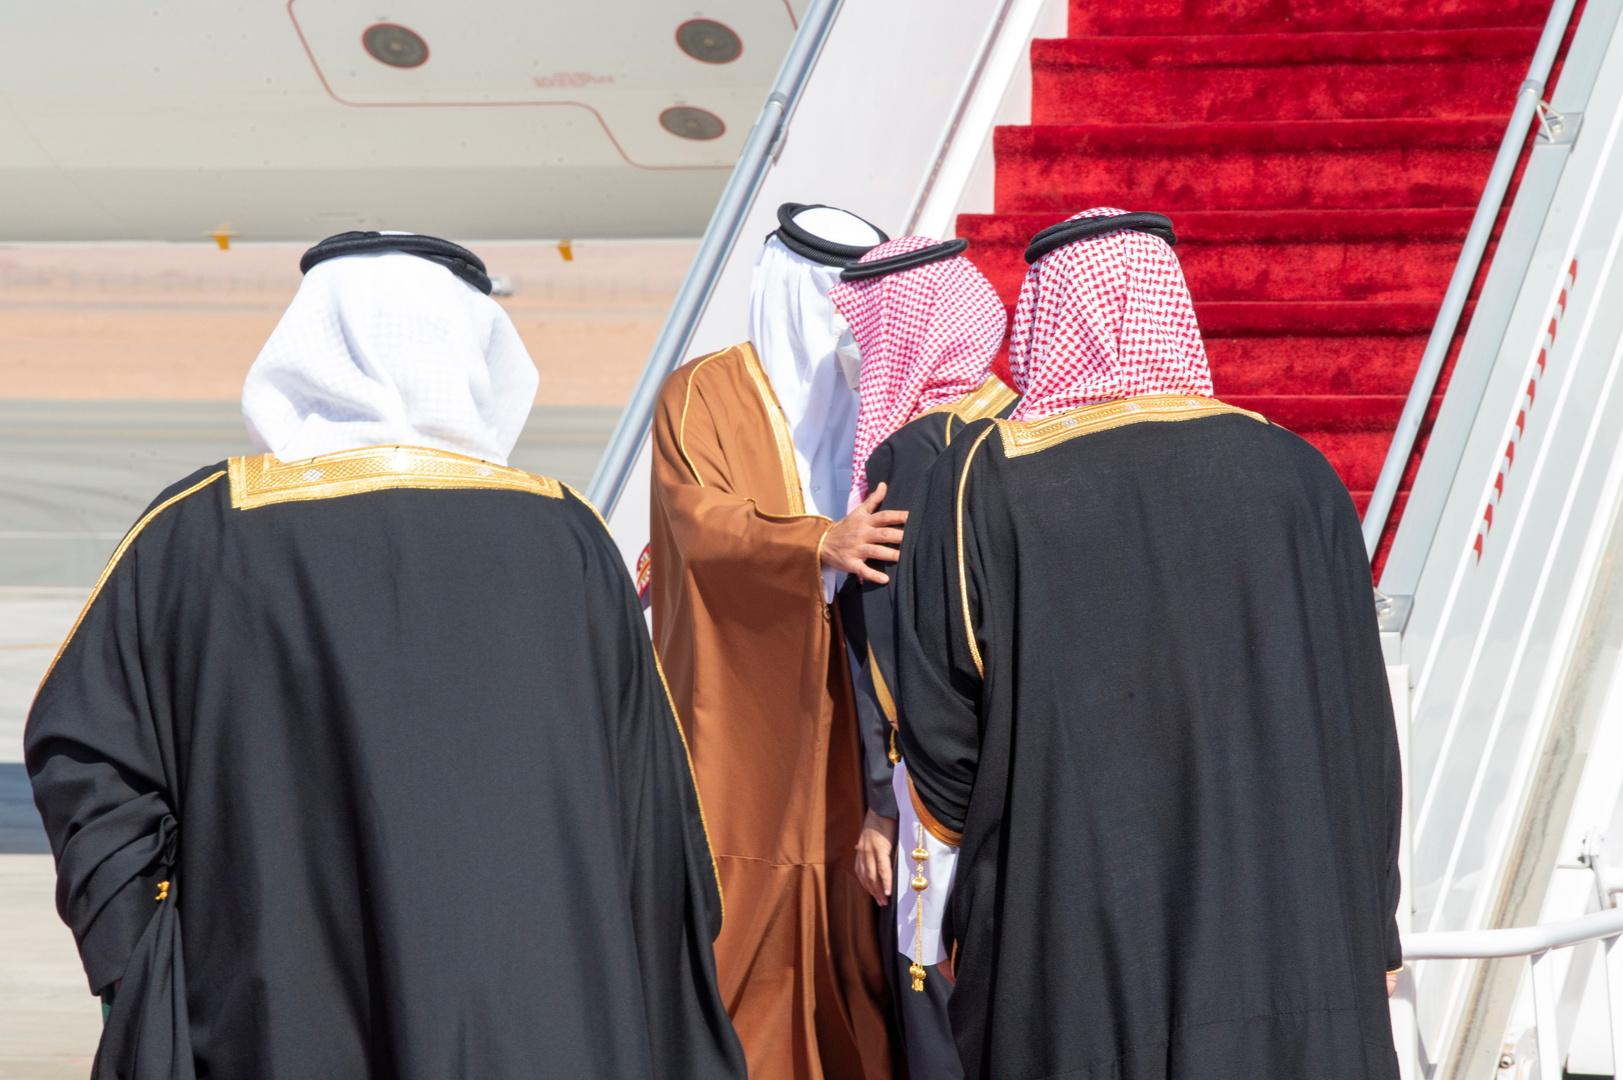 ولي العهد السعودي يصطحب أمير قطر بسيارته في جولة في محافظة العلا